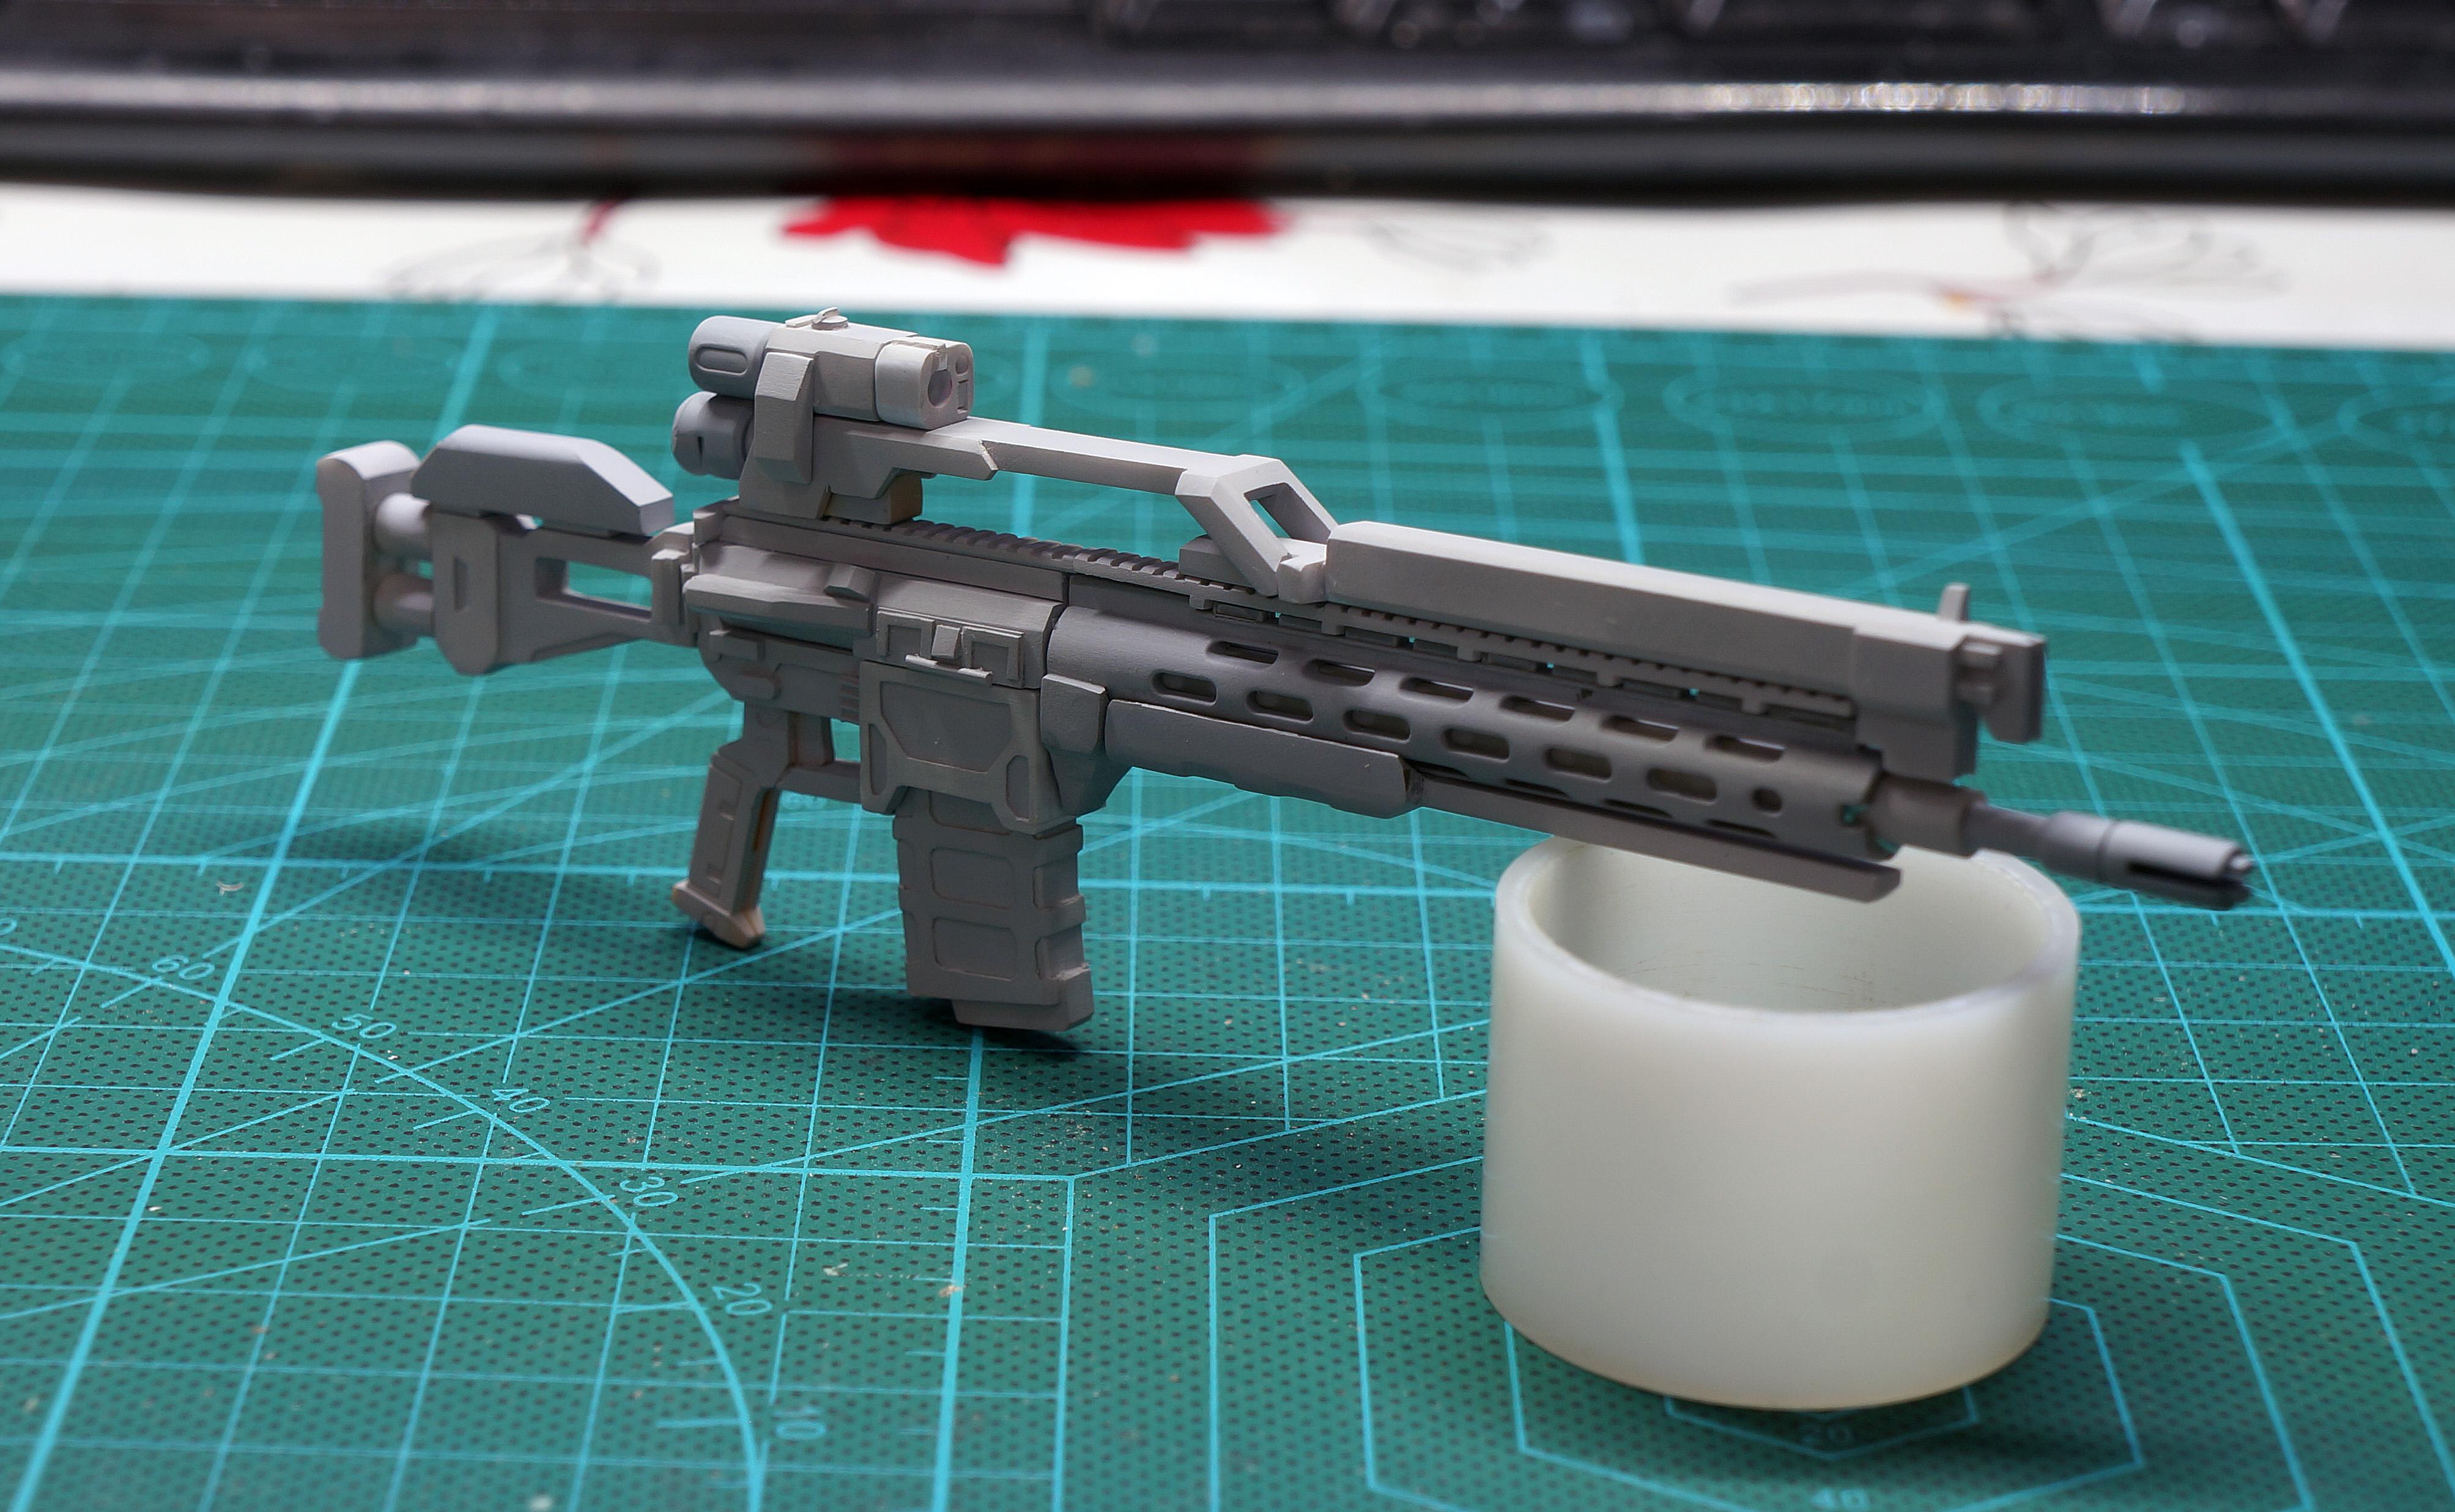 G261_sniper_inask_023.jpg